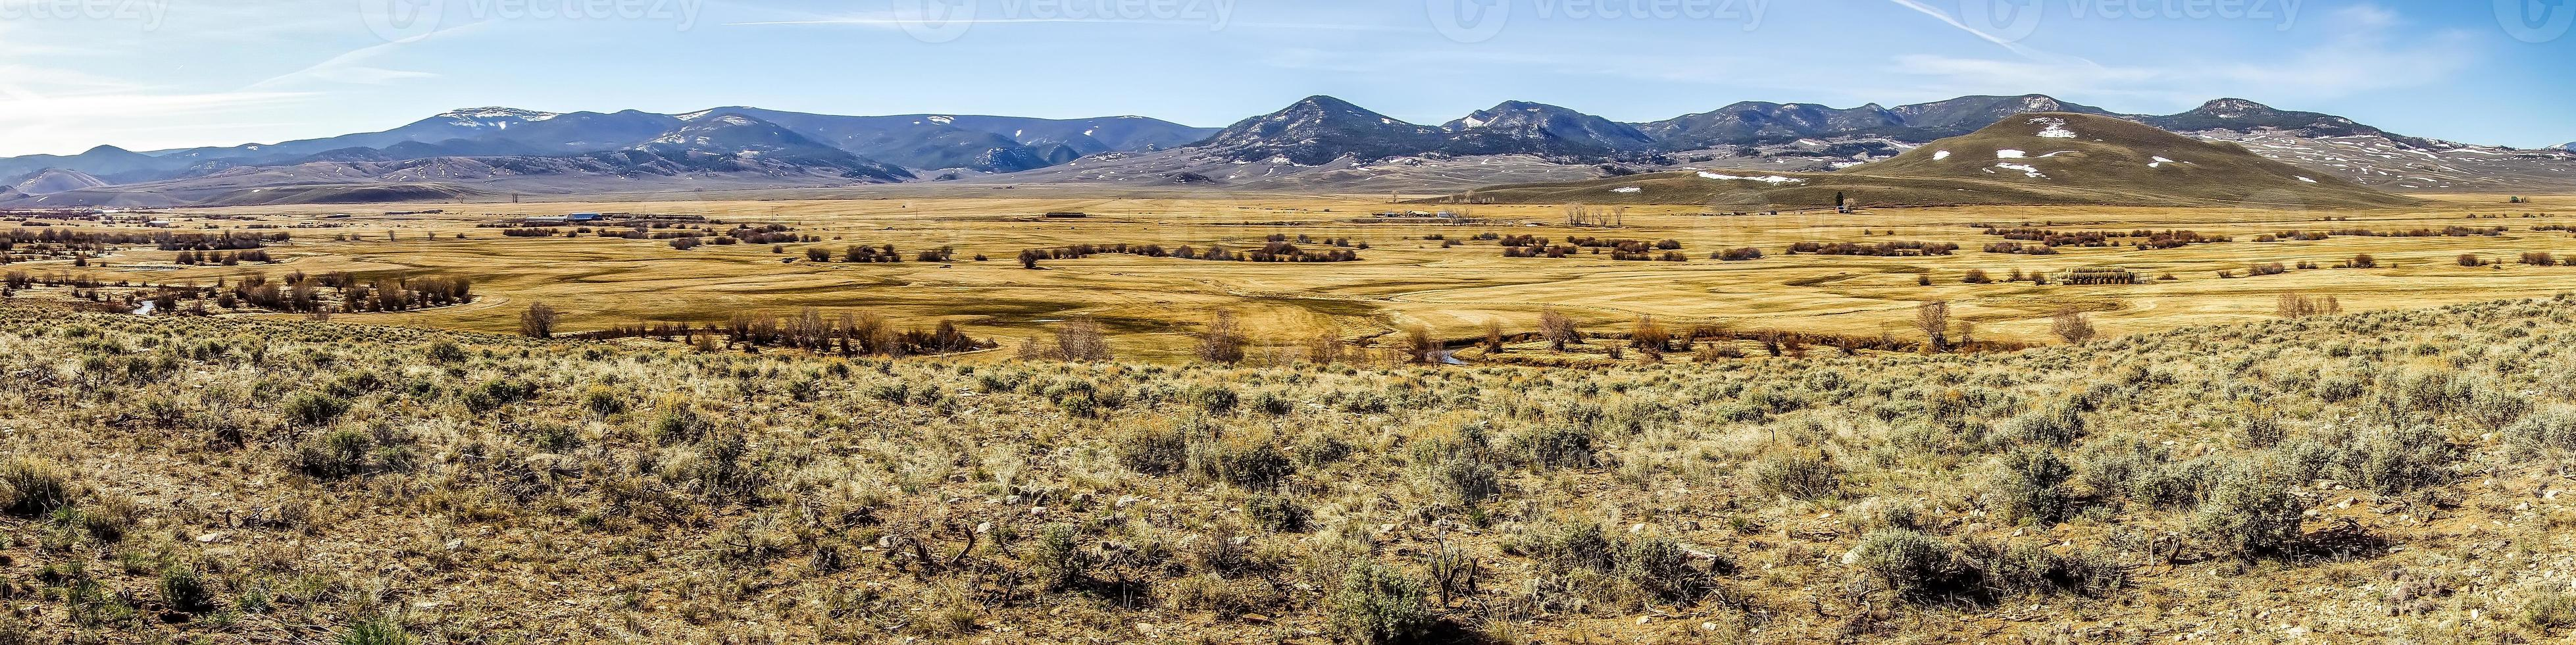 colline rocciose colorado montagne foto